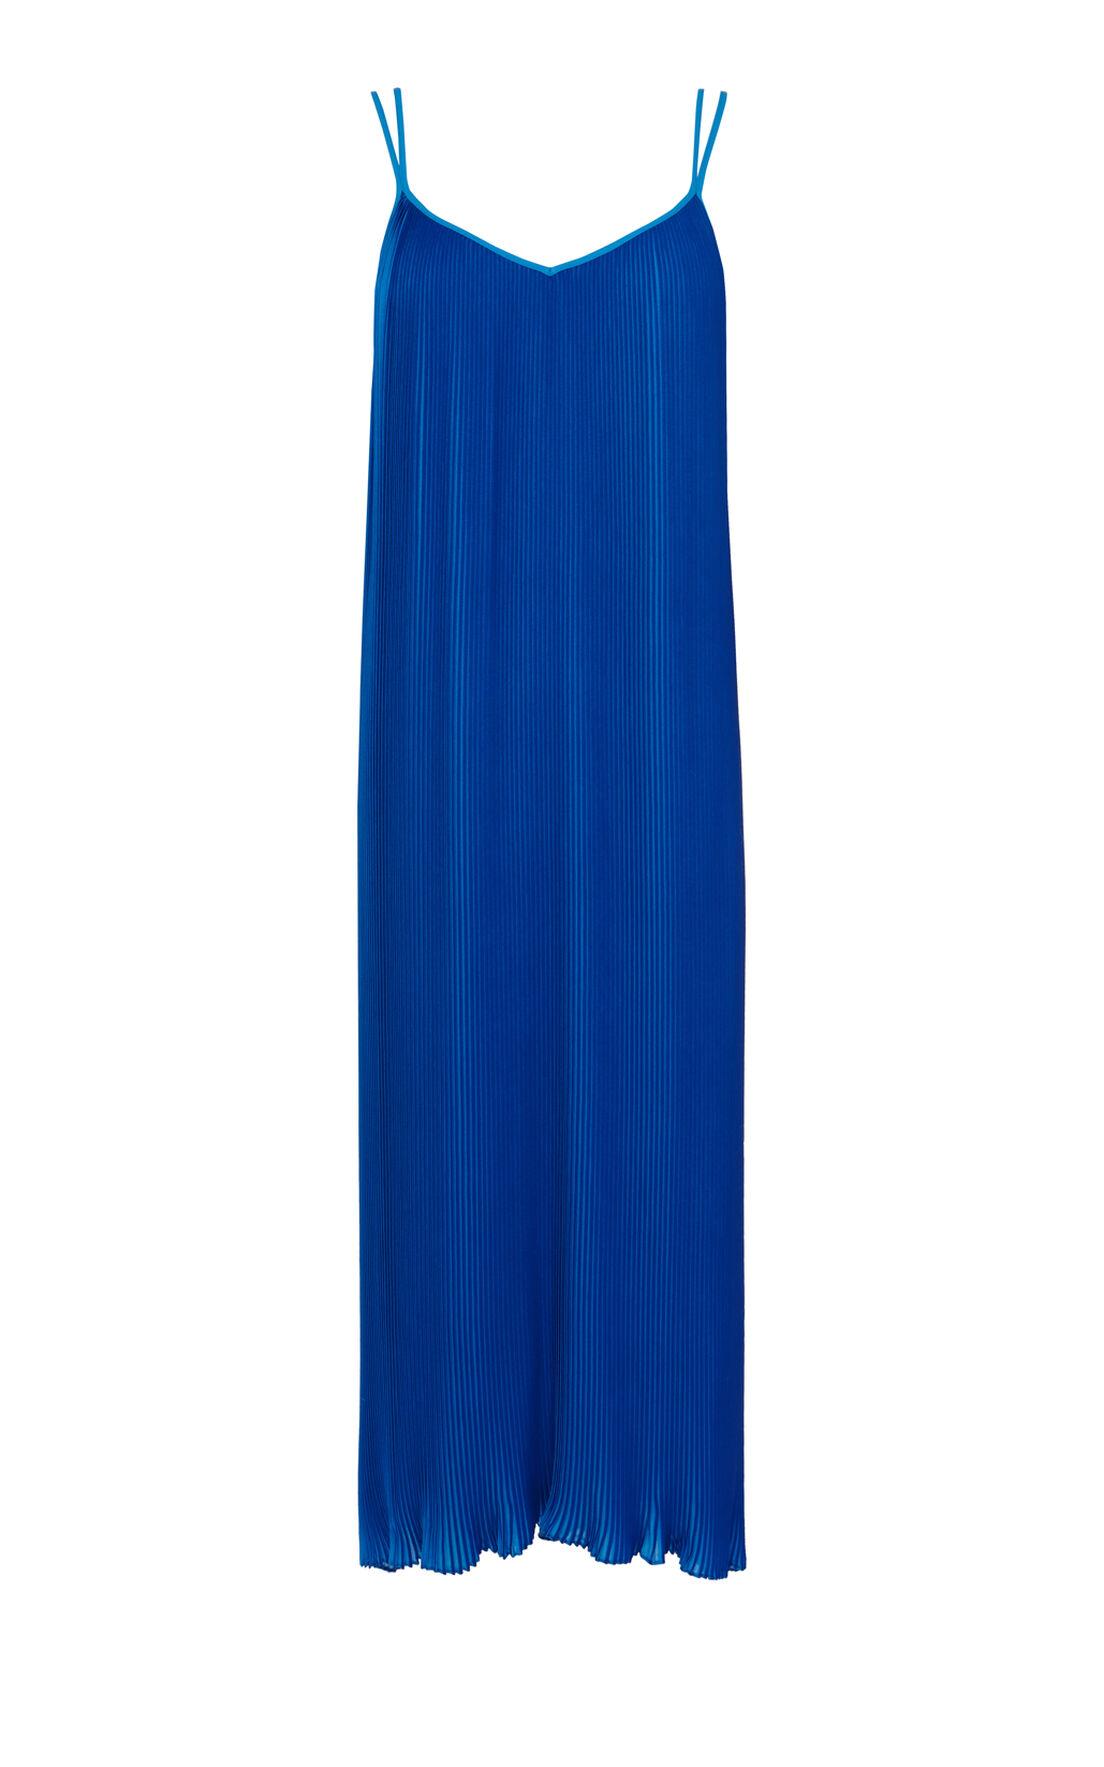 Karen Millen, Printed pleated maxi dress Blue 0